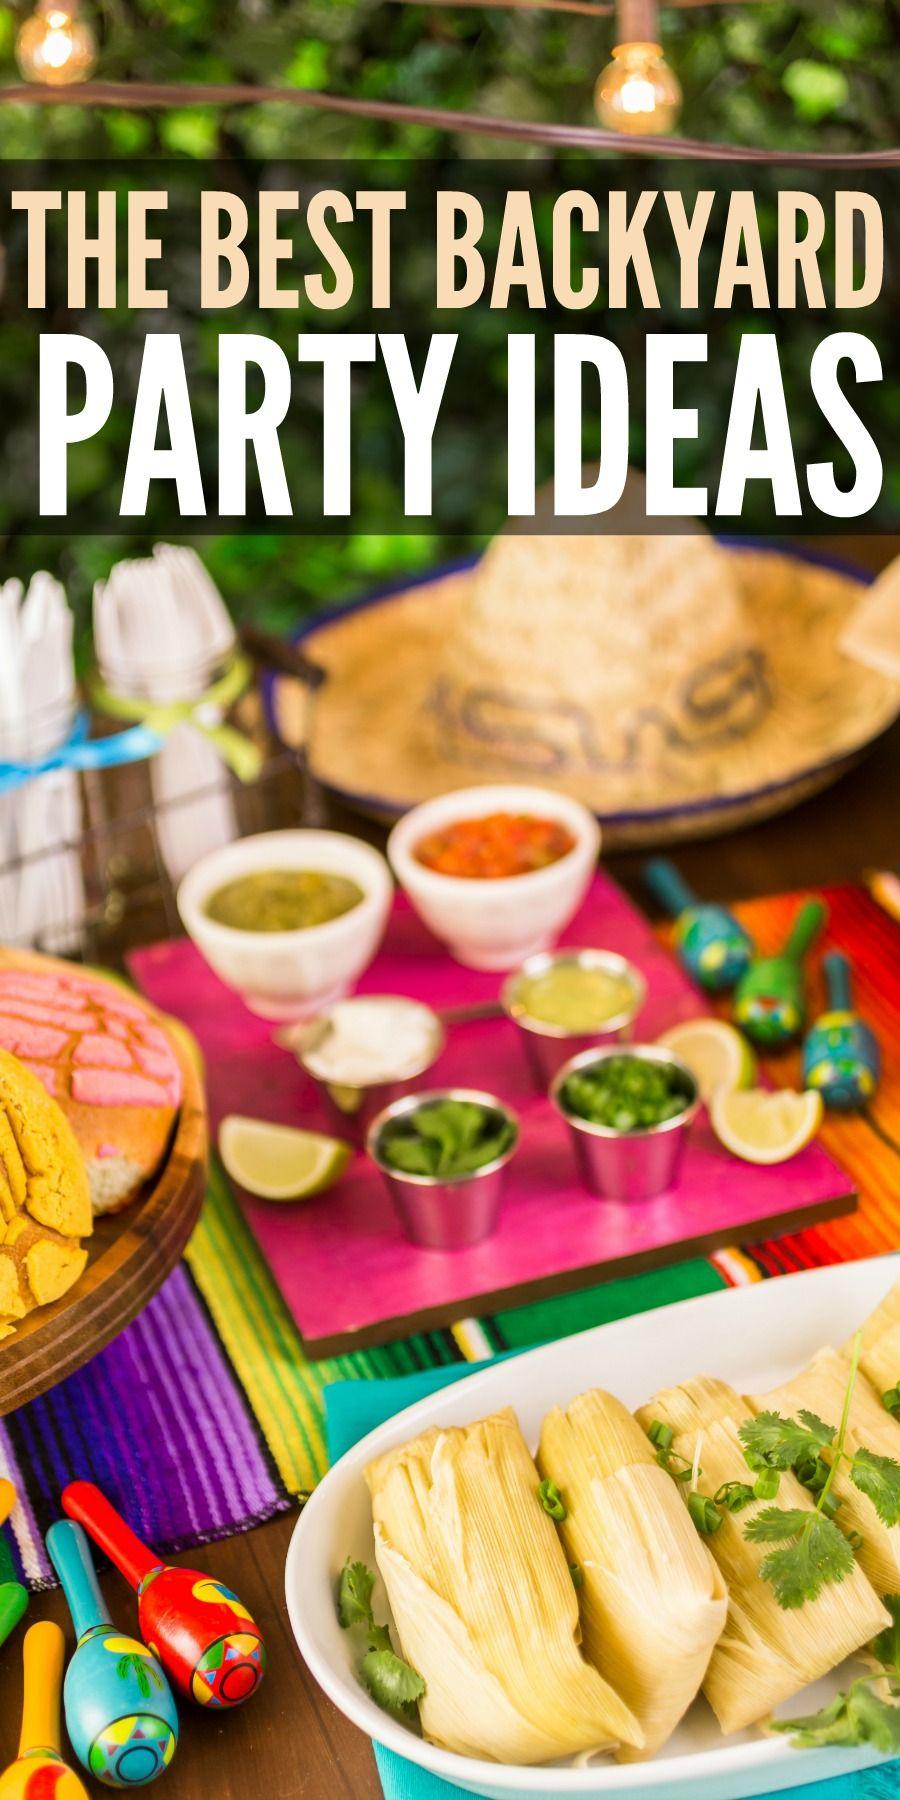 How to Craft Backyard Cookout Ideas via Simphome.com 3